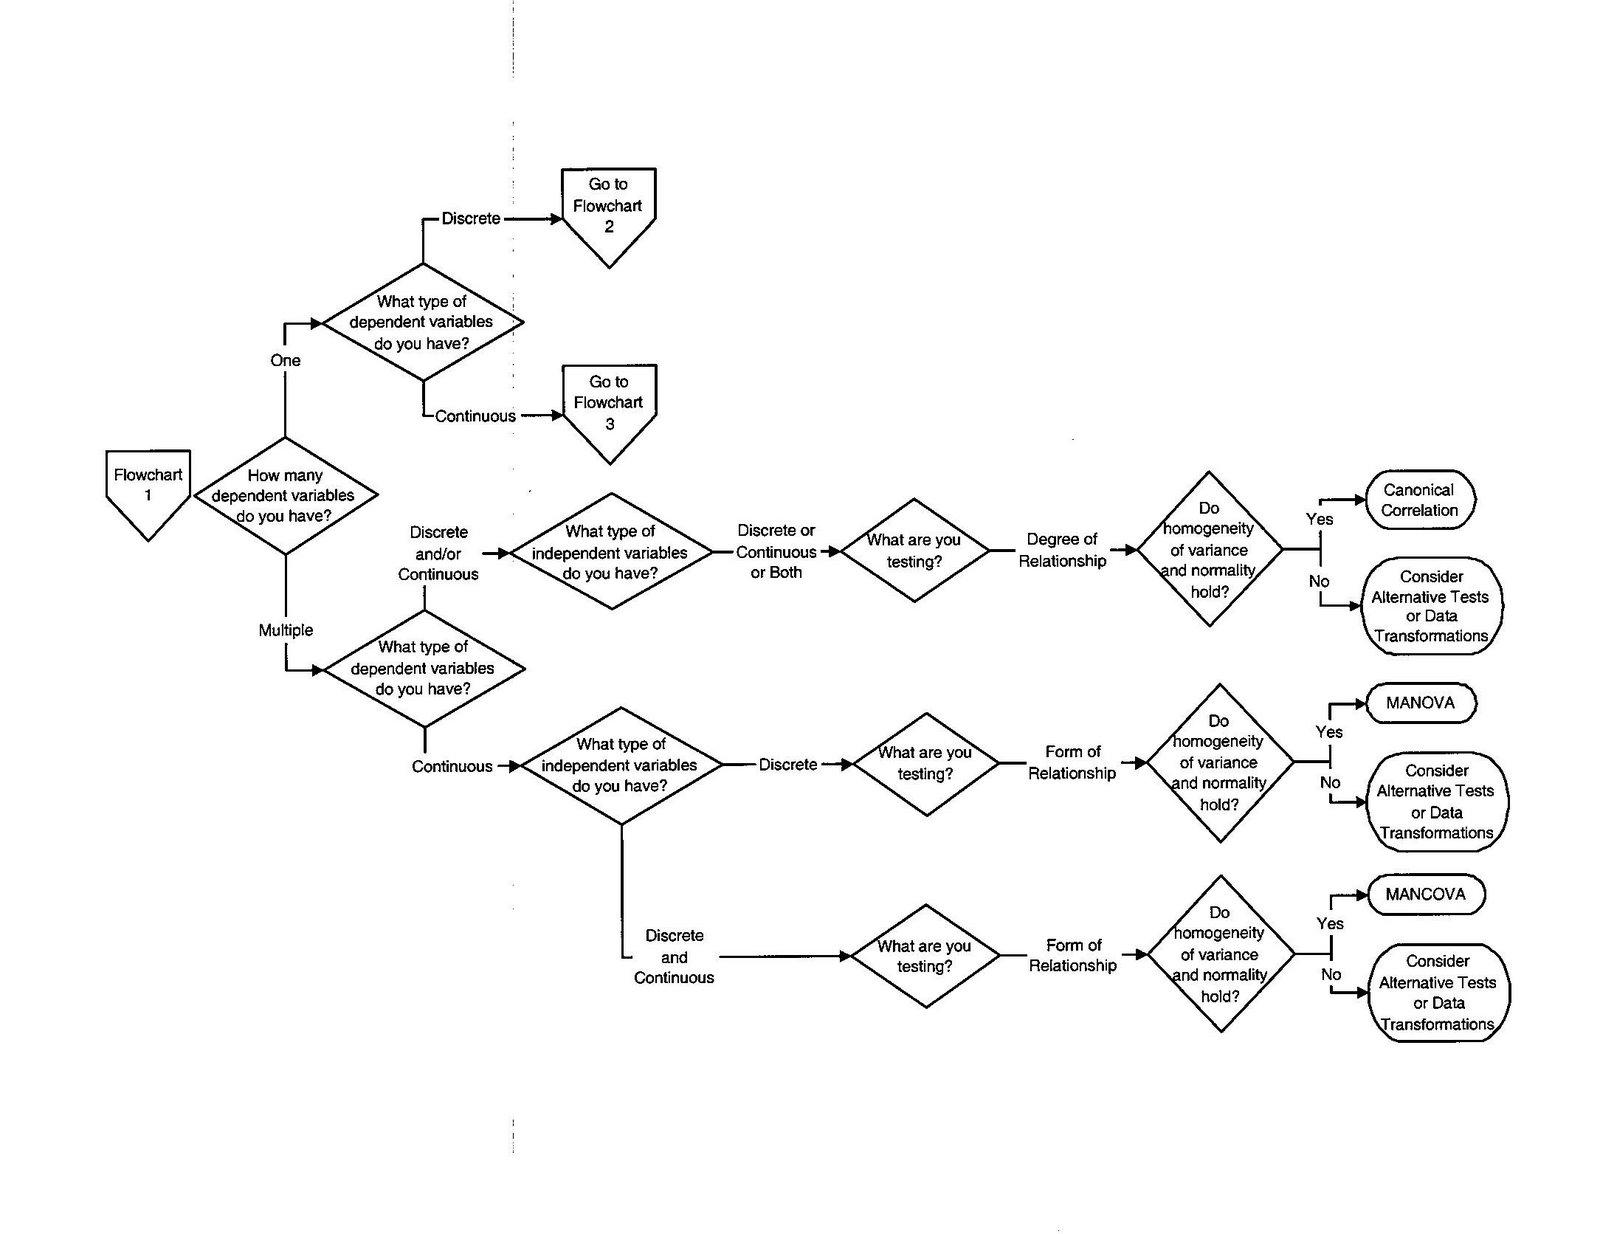 Clinical research introduction class materials flowchart 1 jpg flowchart 2 geenschuldenfo Choice Image